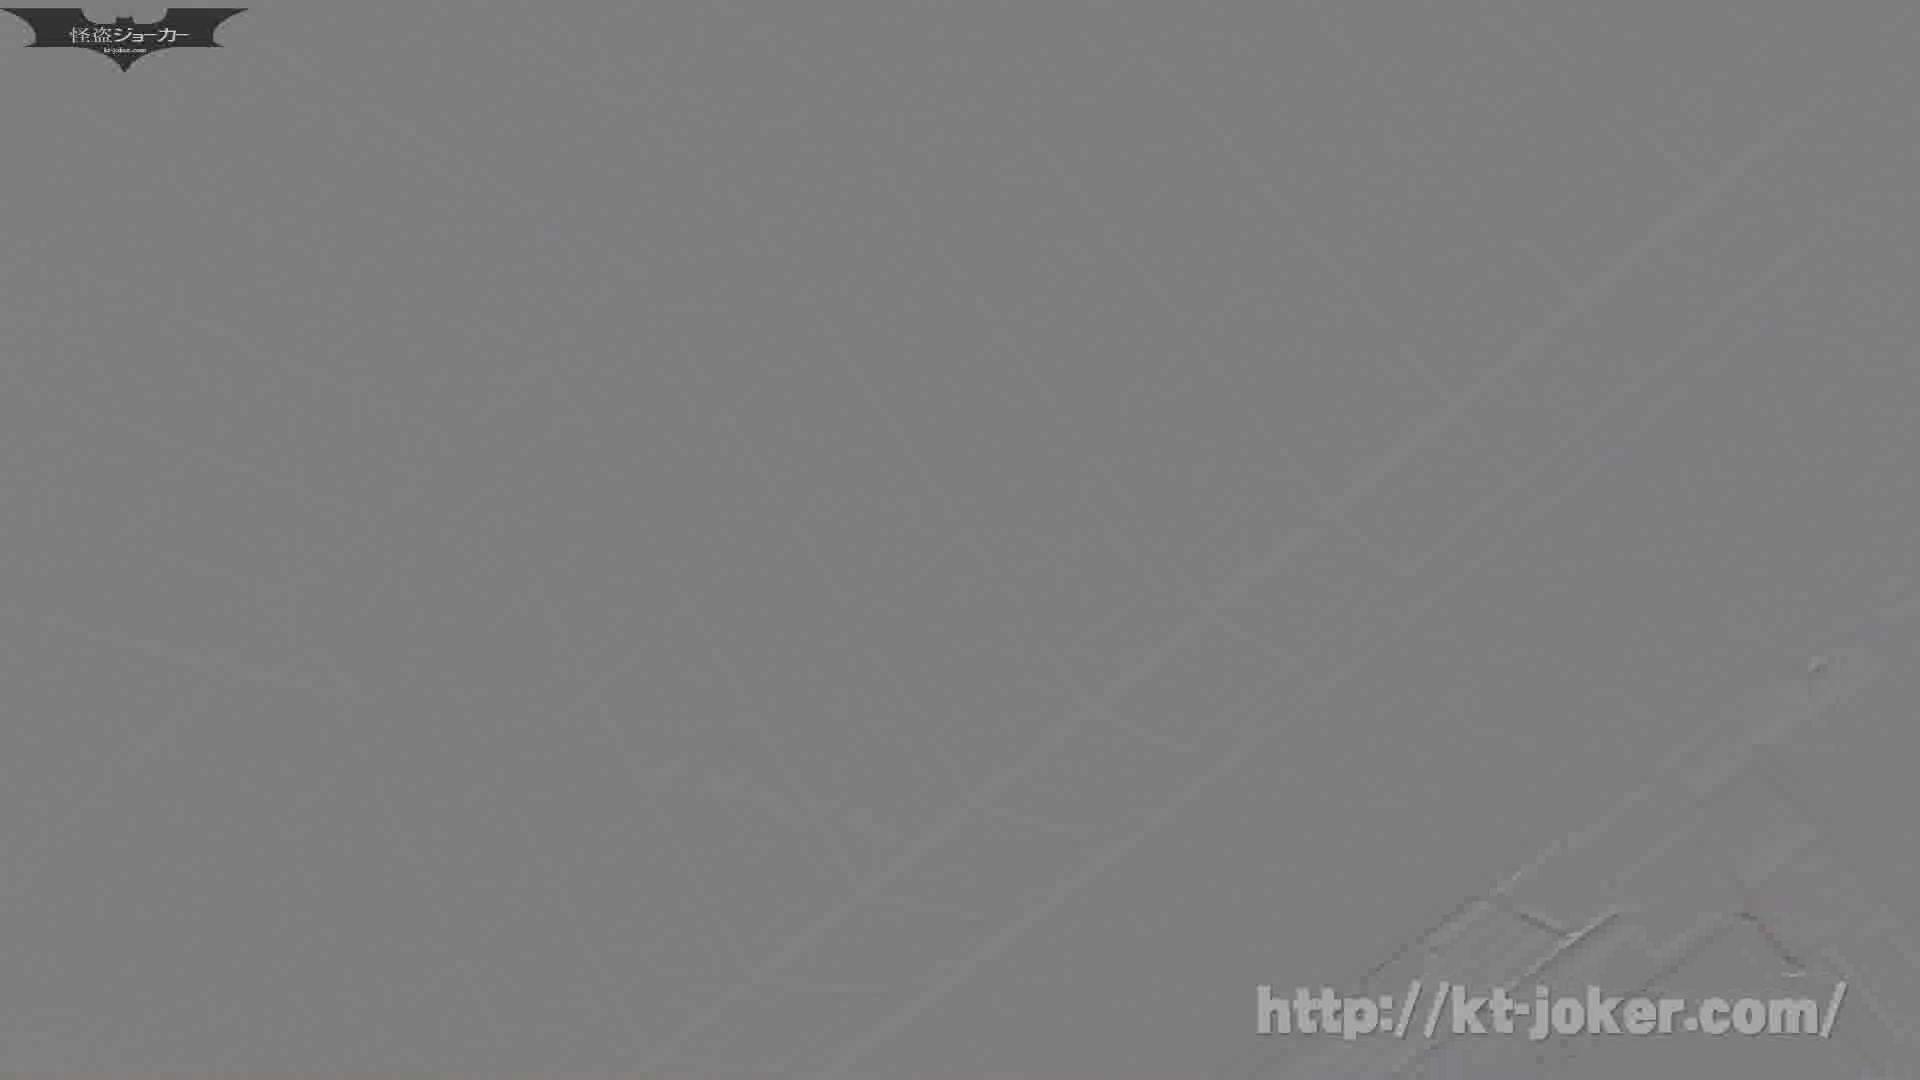 命がけ潜伏洗面所! vol.58 さらなる無謀な挑戦、新アングル、壁に穴を開ける プライベート 盗み撮り動画キャプチャ 38pic 2